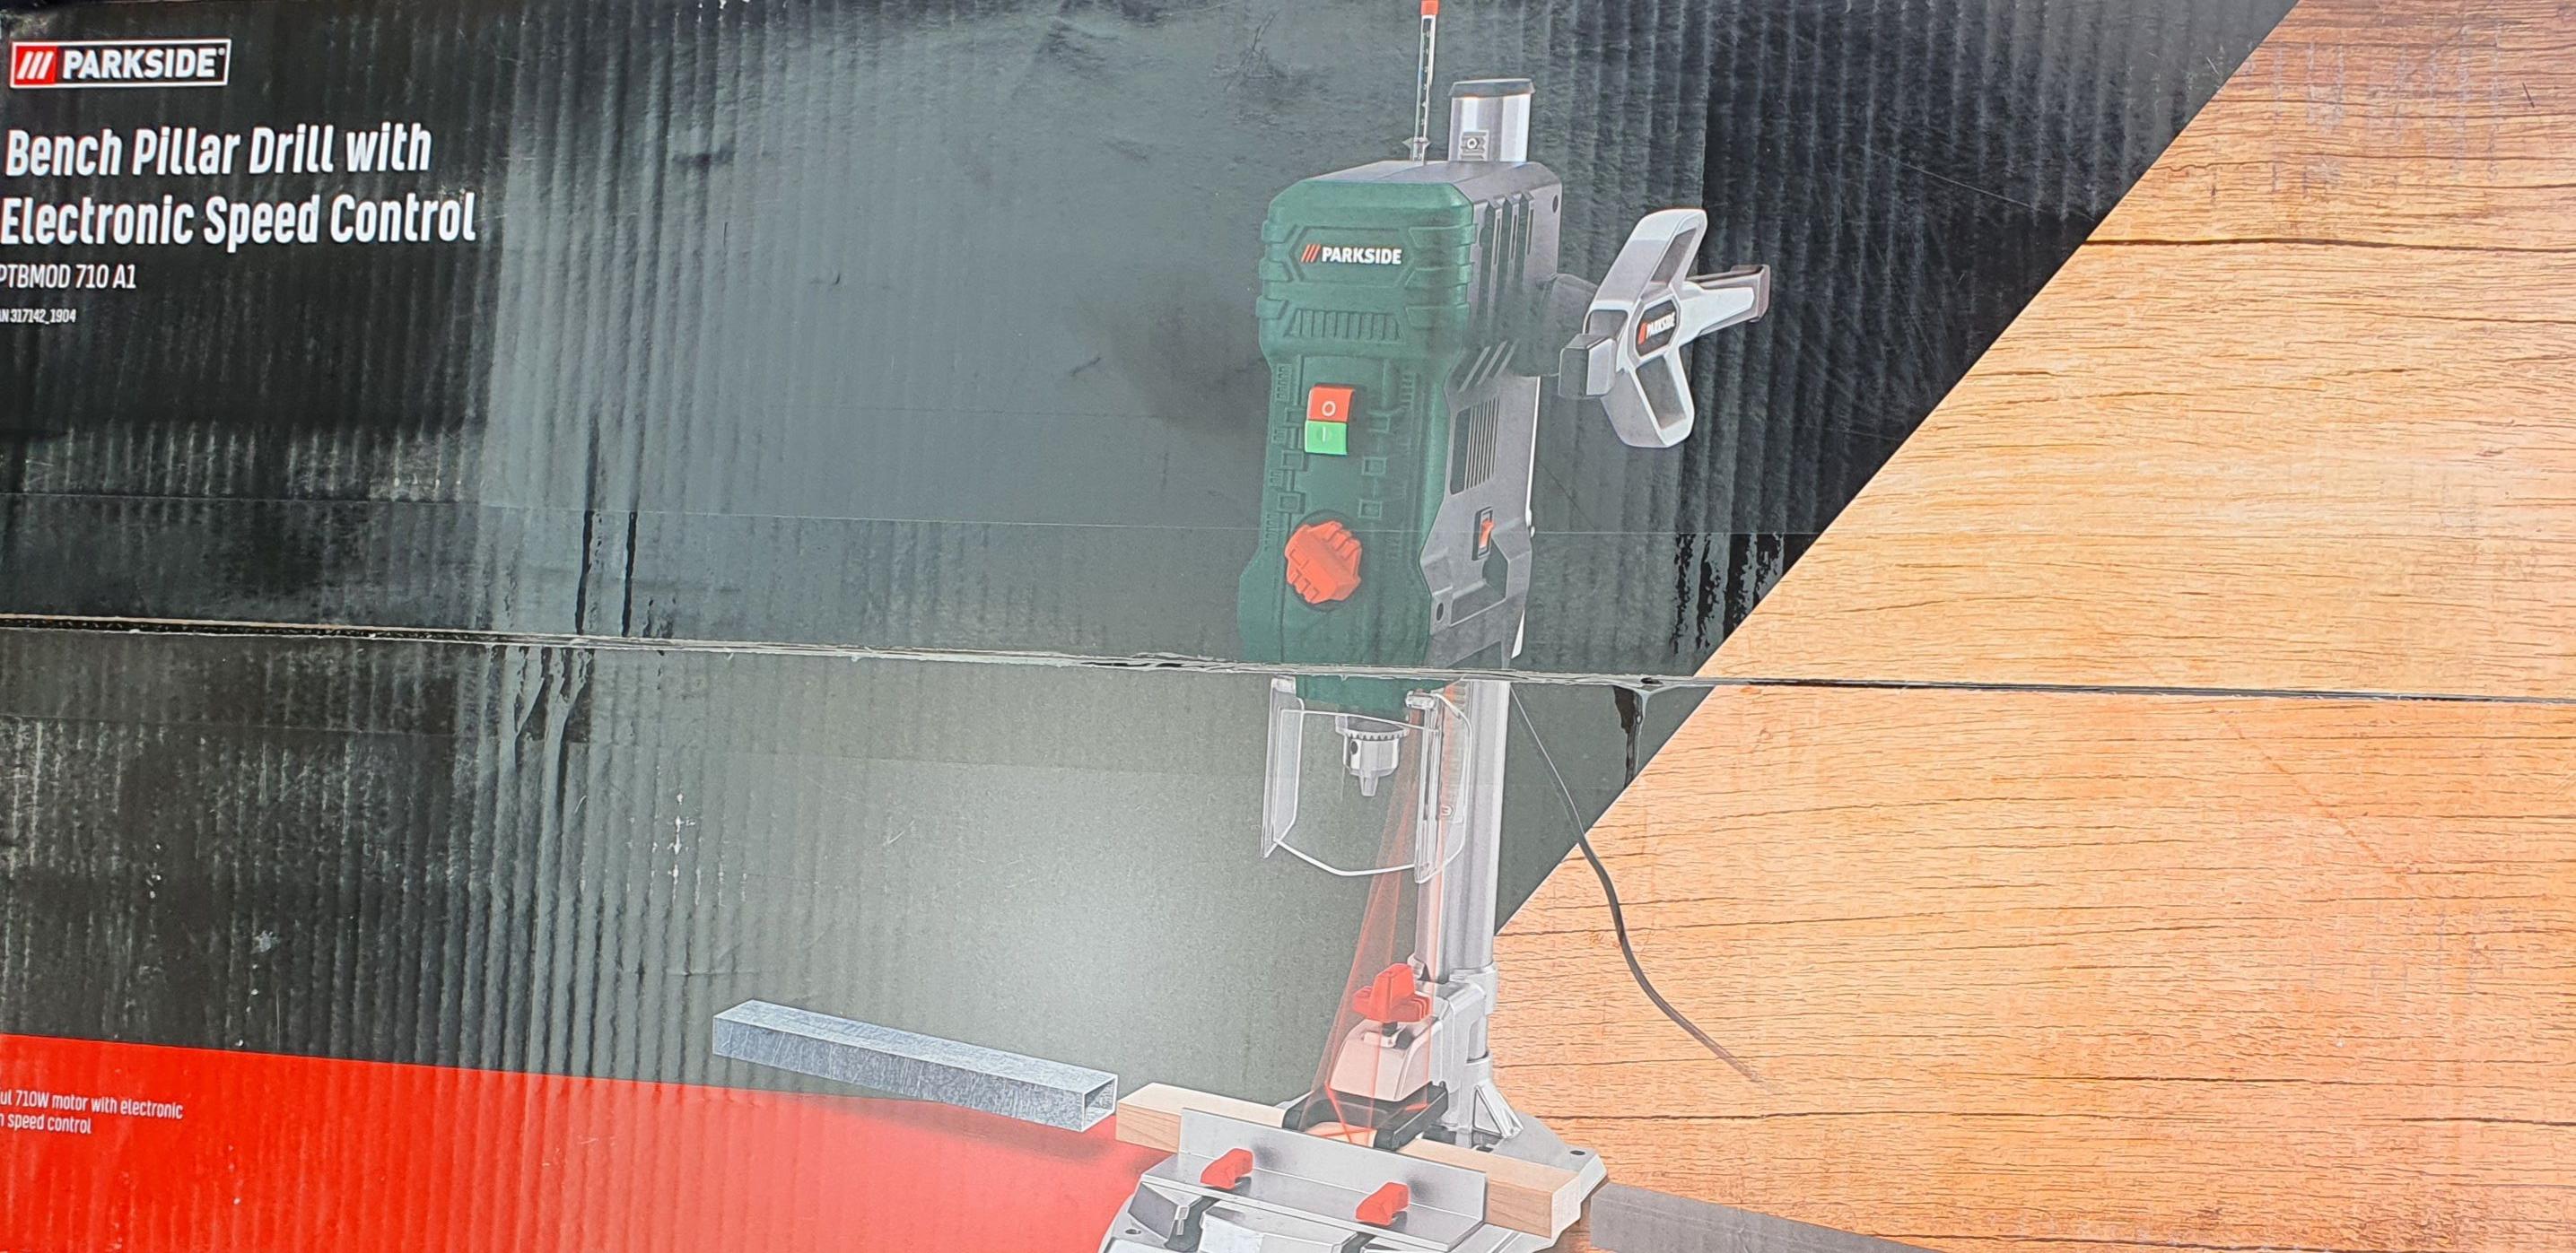 Wiertarka stołowa Parkside 710W PTBMOD 710 A1 Lidl Pruszków